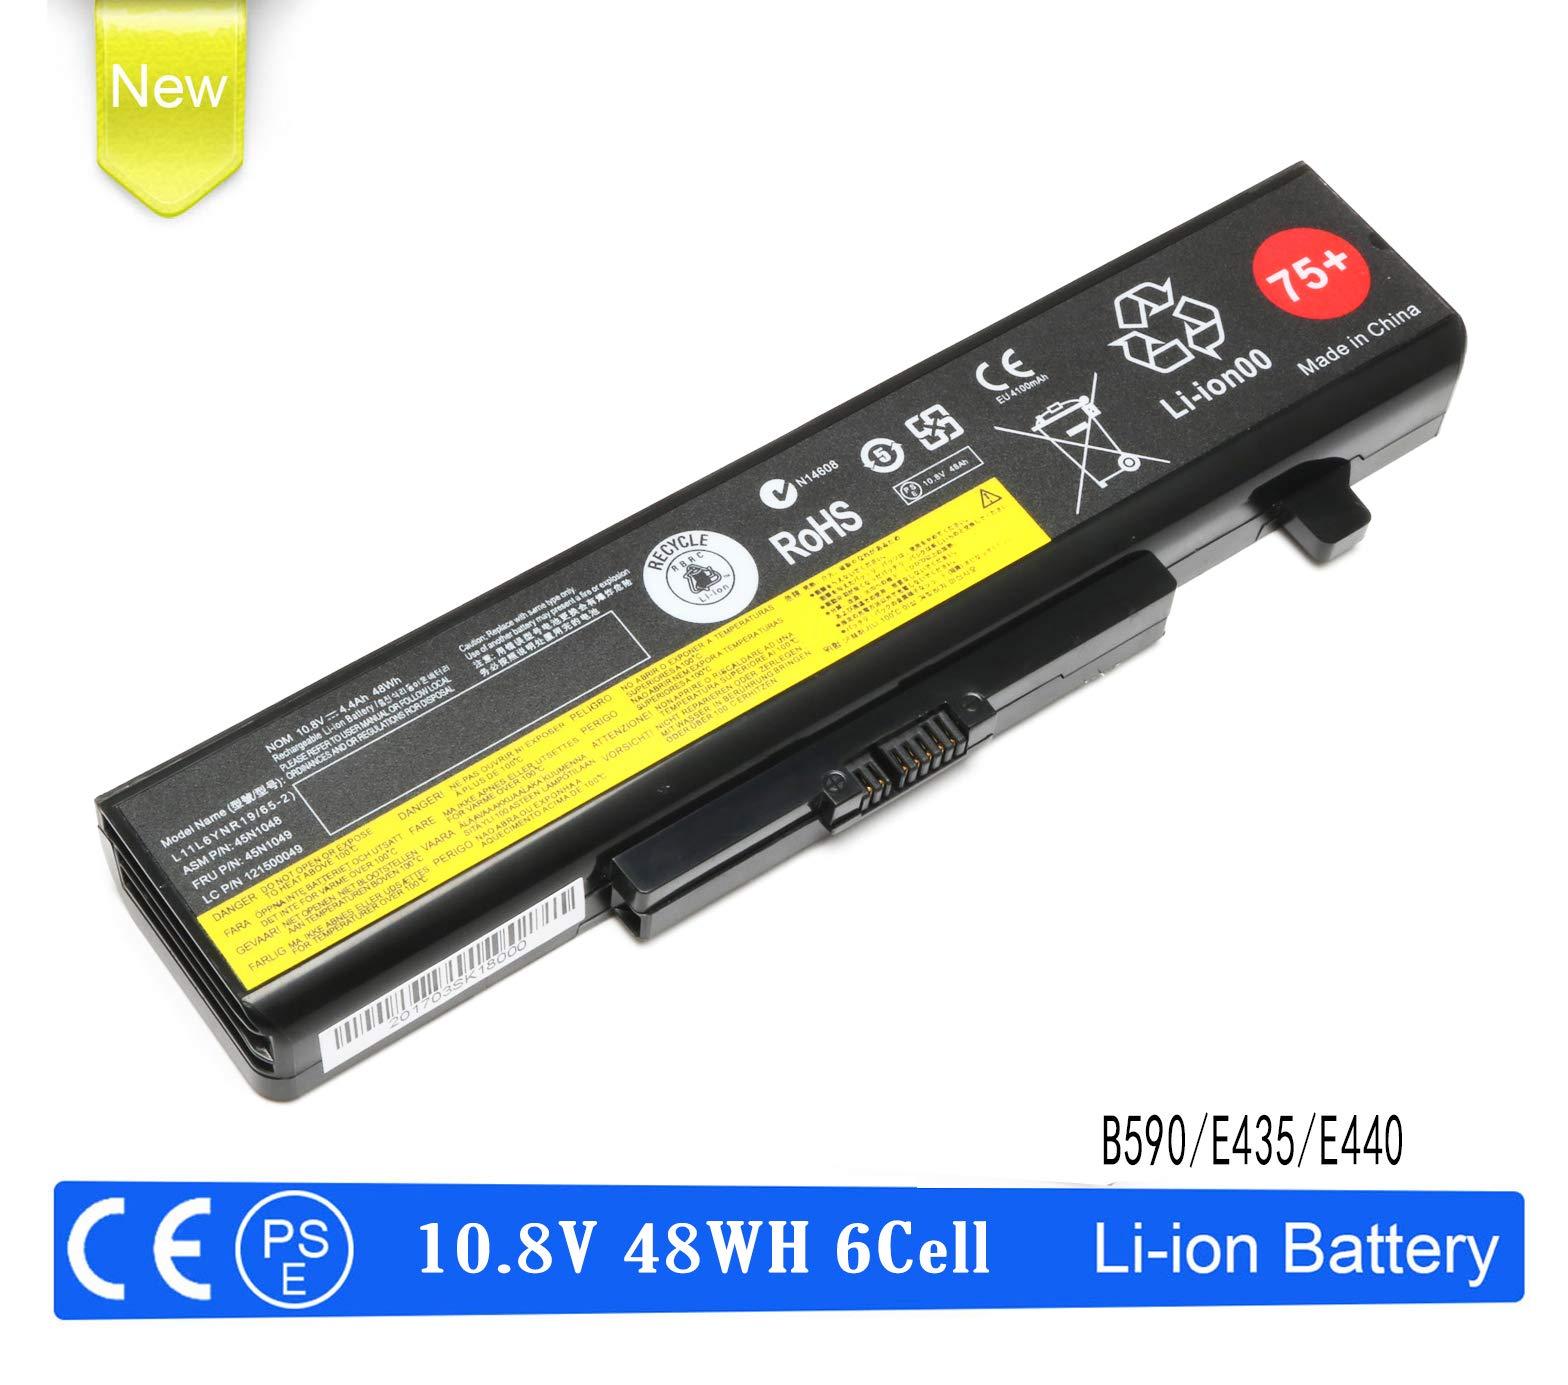 B590 E530 E540 Laptop Battery Replacement for 0A36311 Lenovo ThinkPad E430 E431 E435 E440 E445 E531 E535 E545; P/N: 45N1048 45N1049 45N1043 45N1042